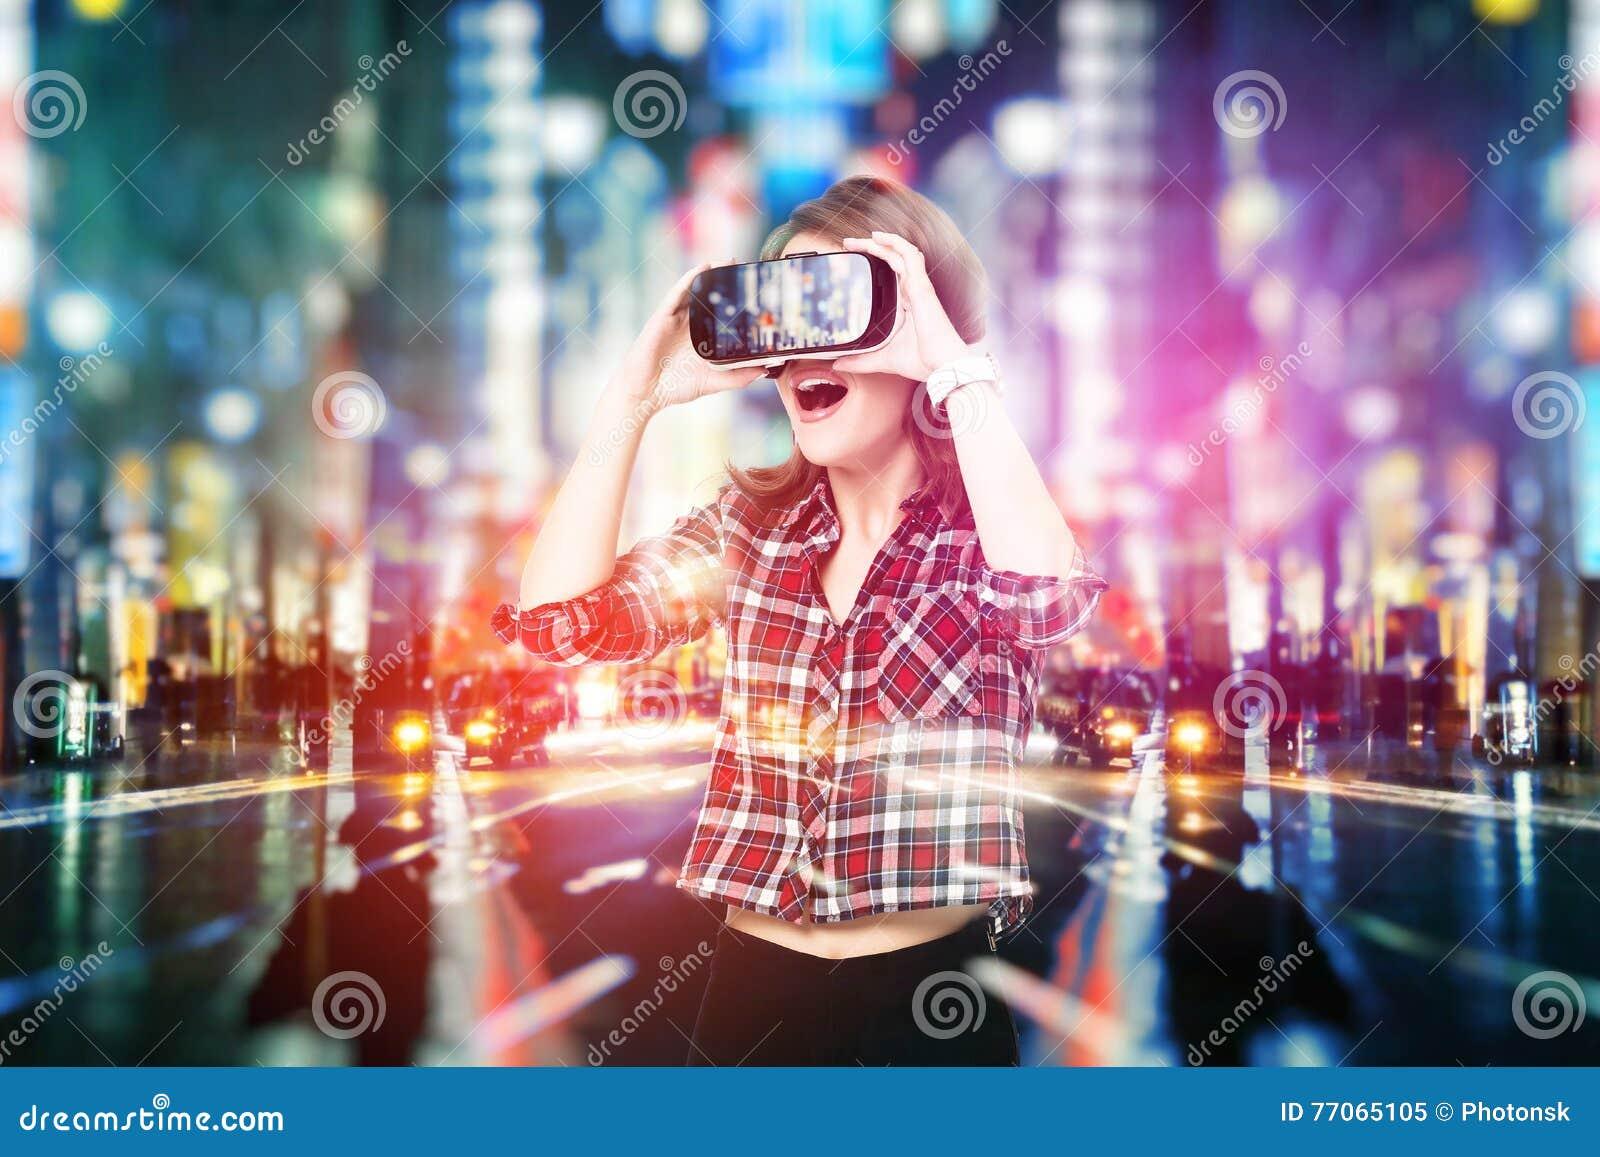 Двойная экспозиция, маленькая девочка получая шлемофон опыта VR, использует увеличенные стекла реальности, был в виртуальном